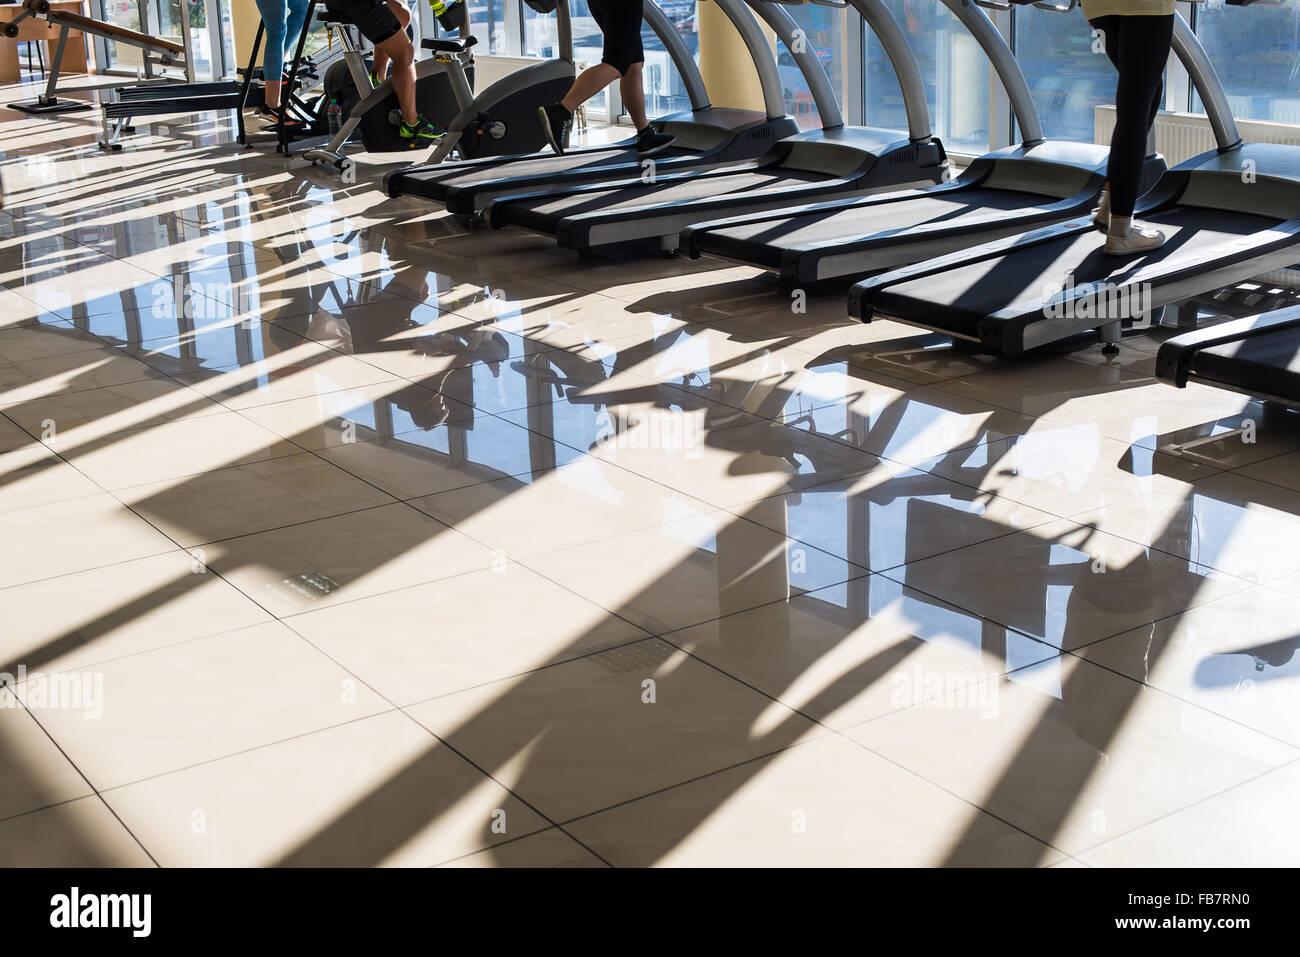 Aparatos de entrenamiento en el gimnasio hall. Imagen De Stock